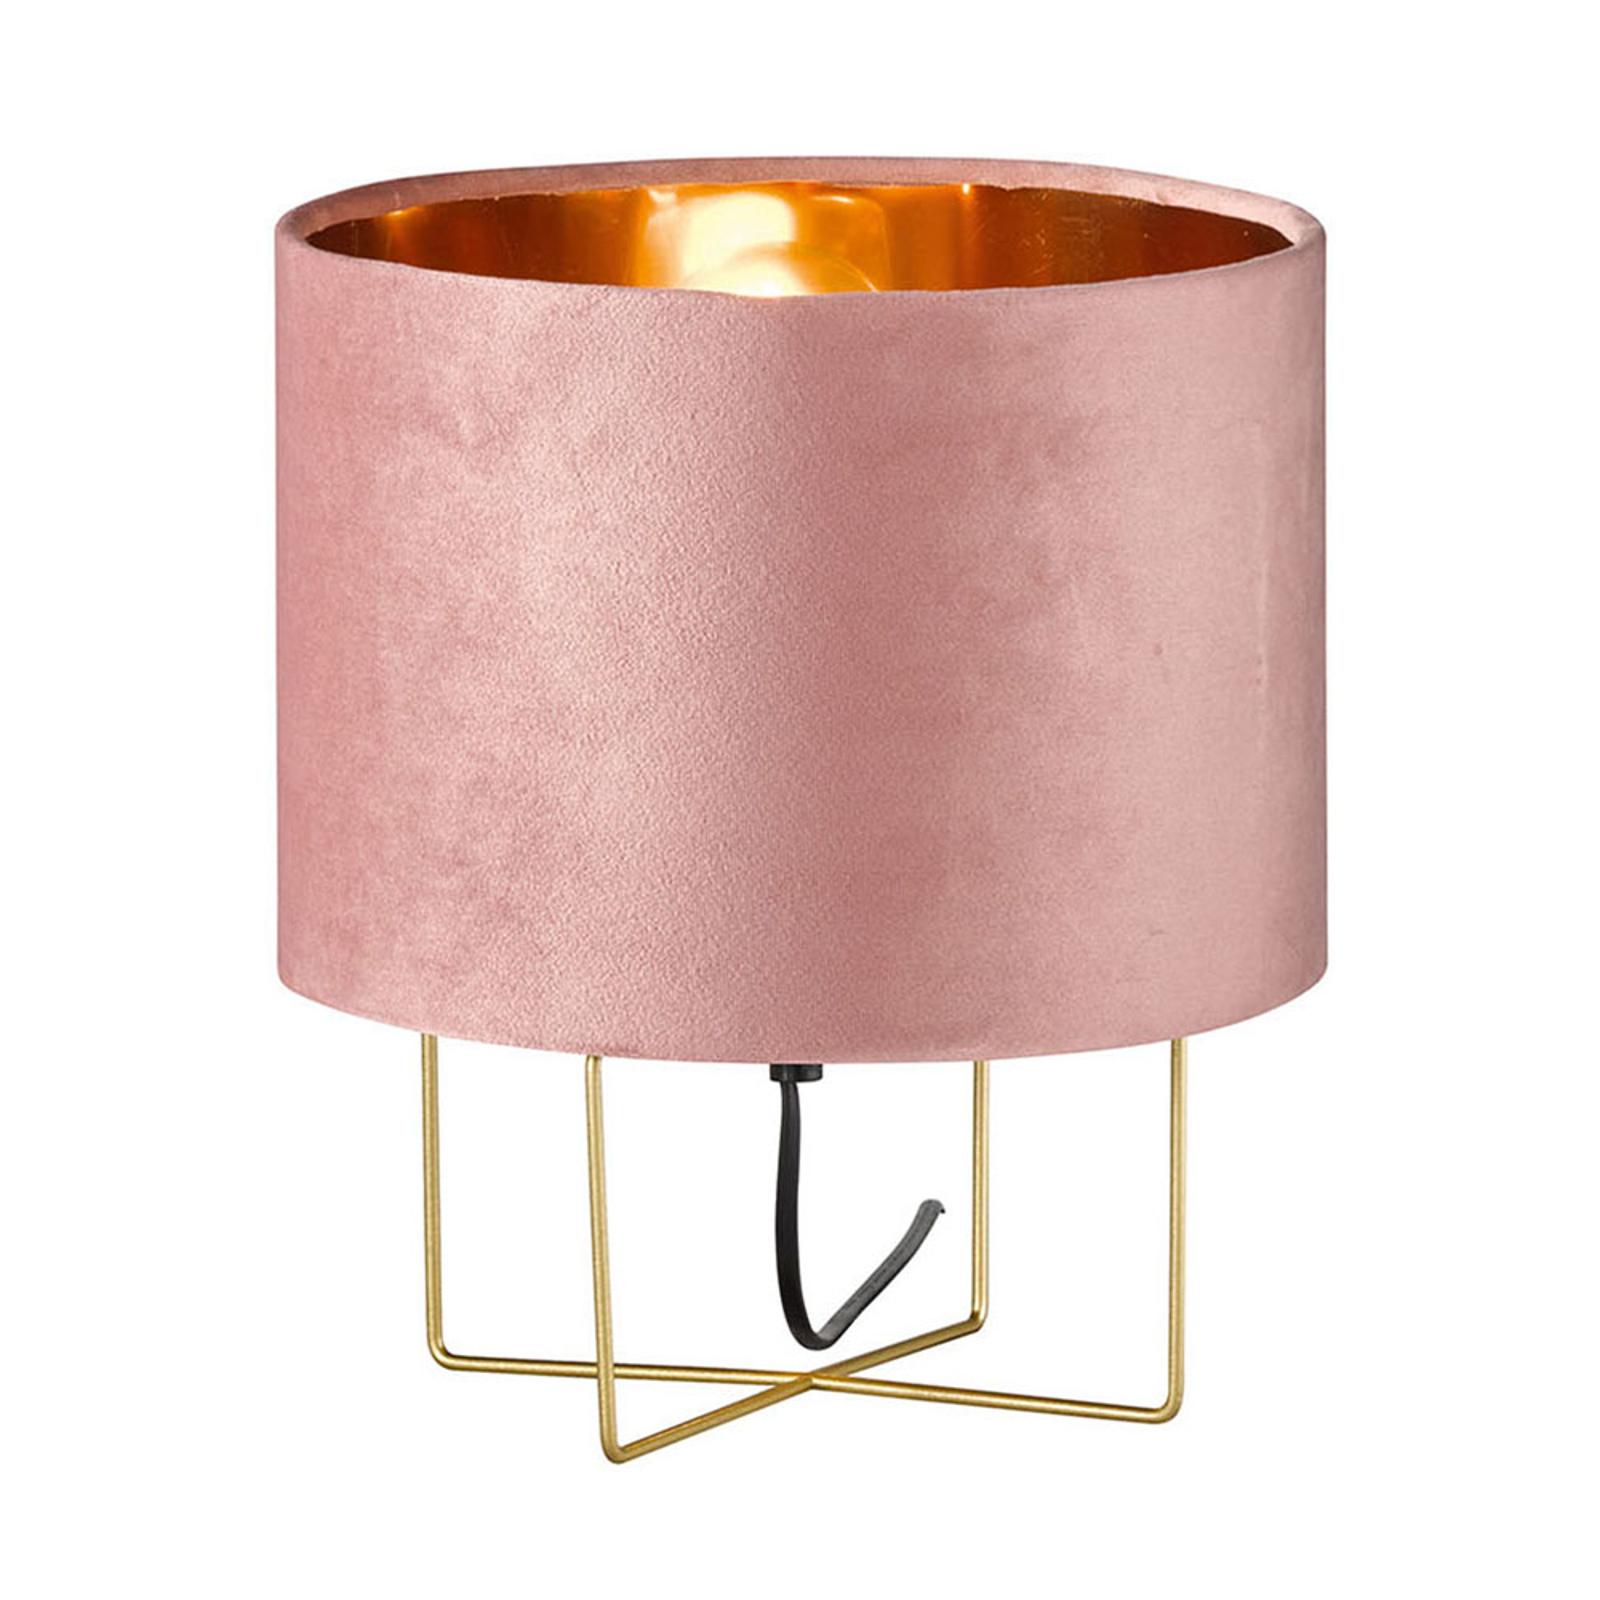 Lampa stołowa Aura, jedwabny klosz, 32 cm, różowa